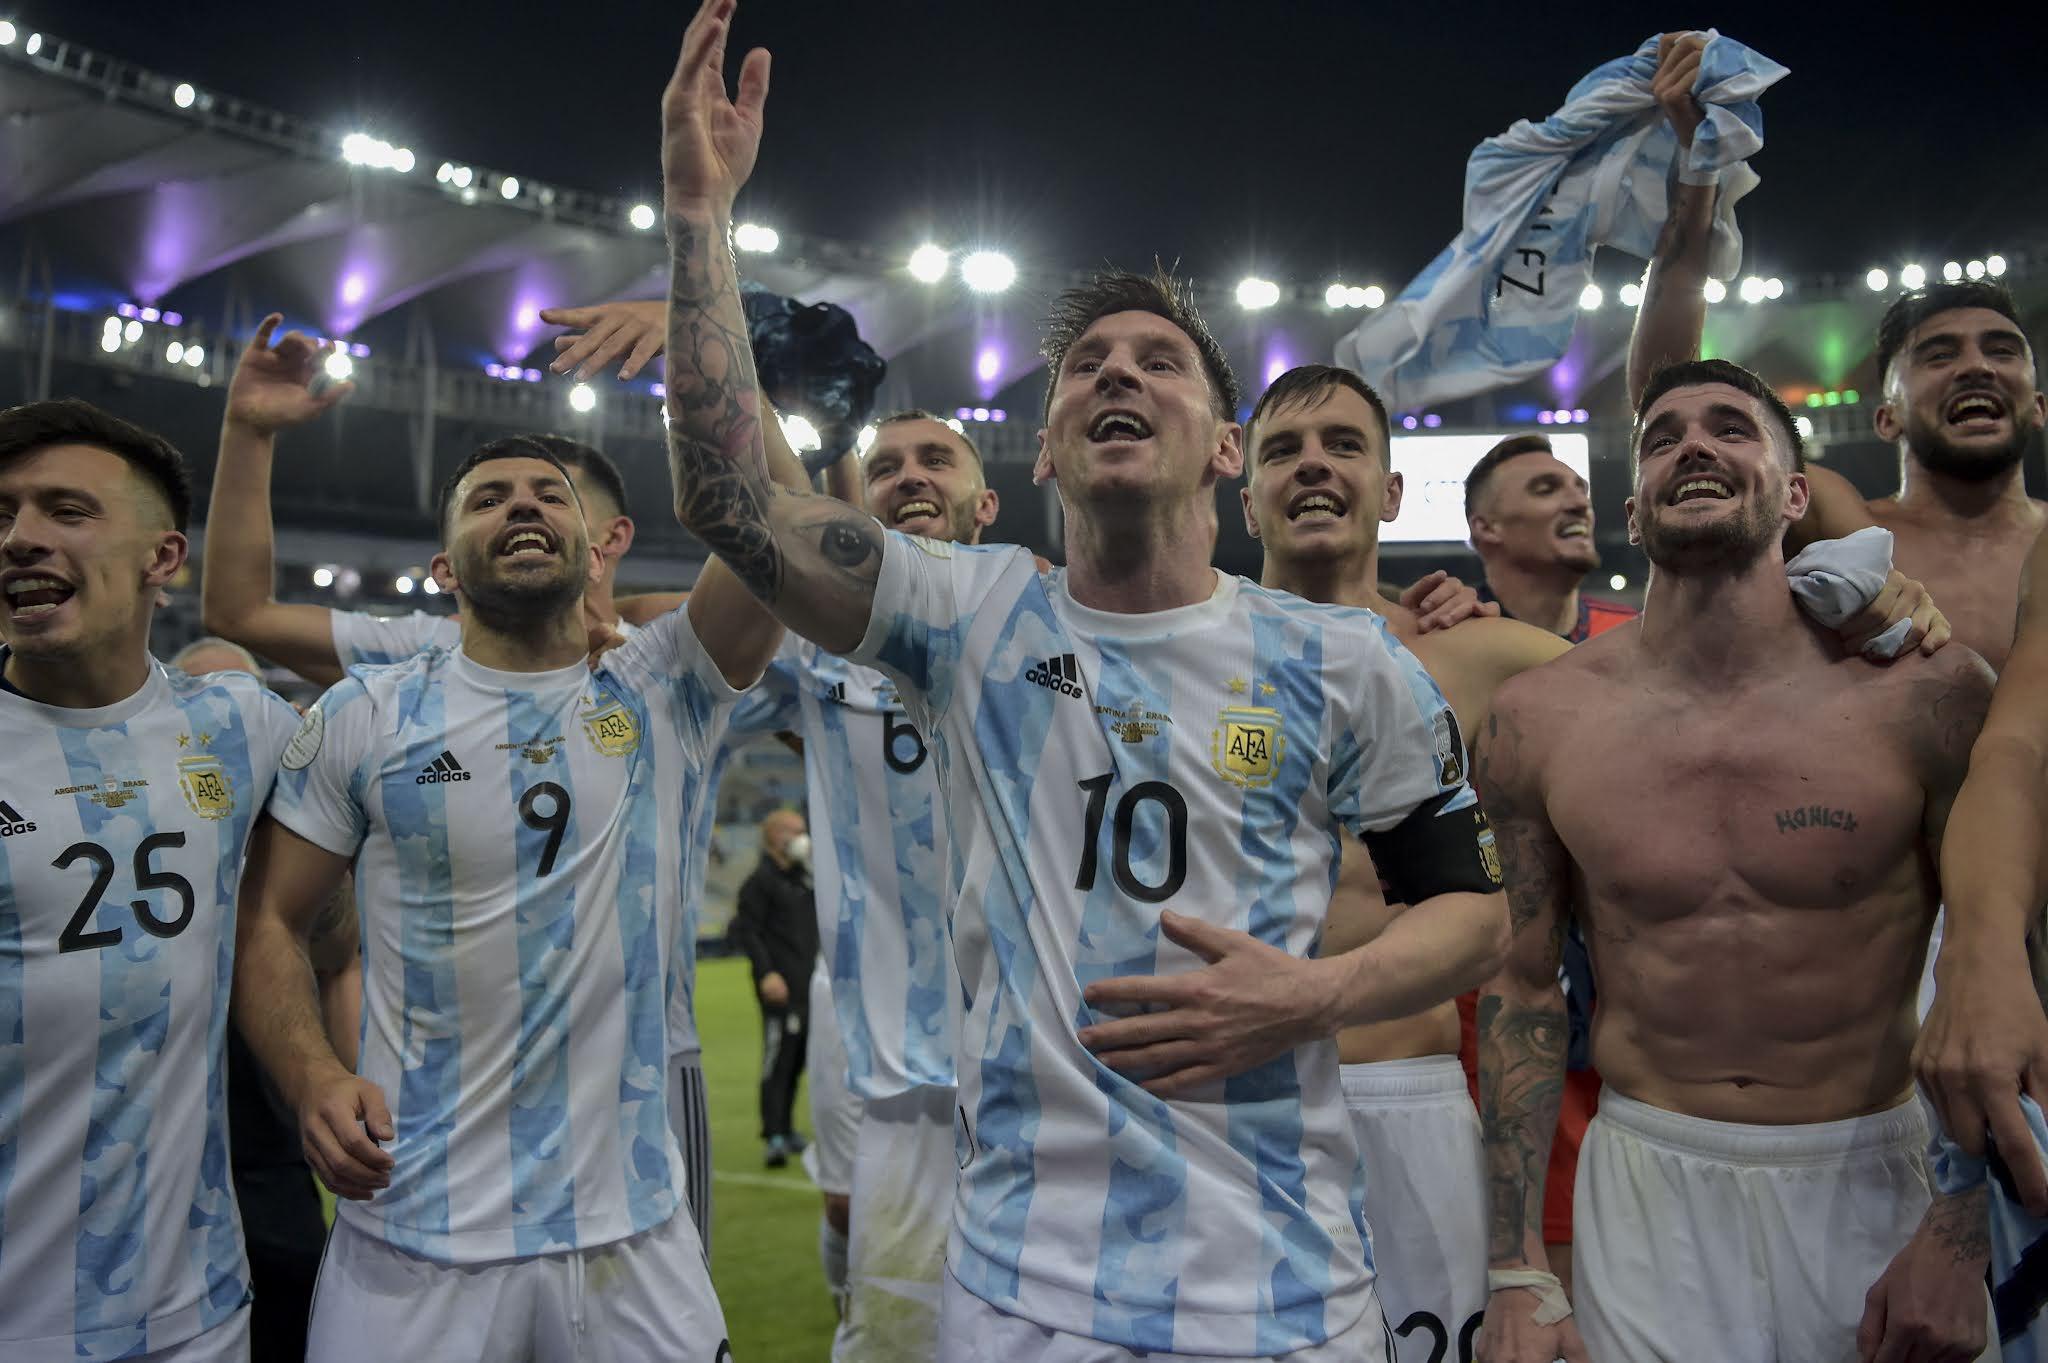 El TAS rechazó el pedido de la Liga de España y habilitó el viaje de los jugadores convocados para disputar las eliminatorias